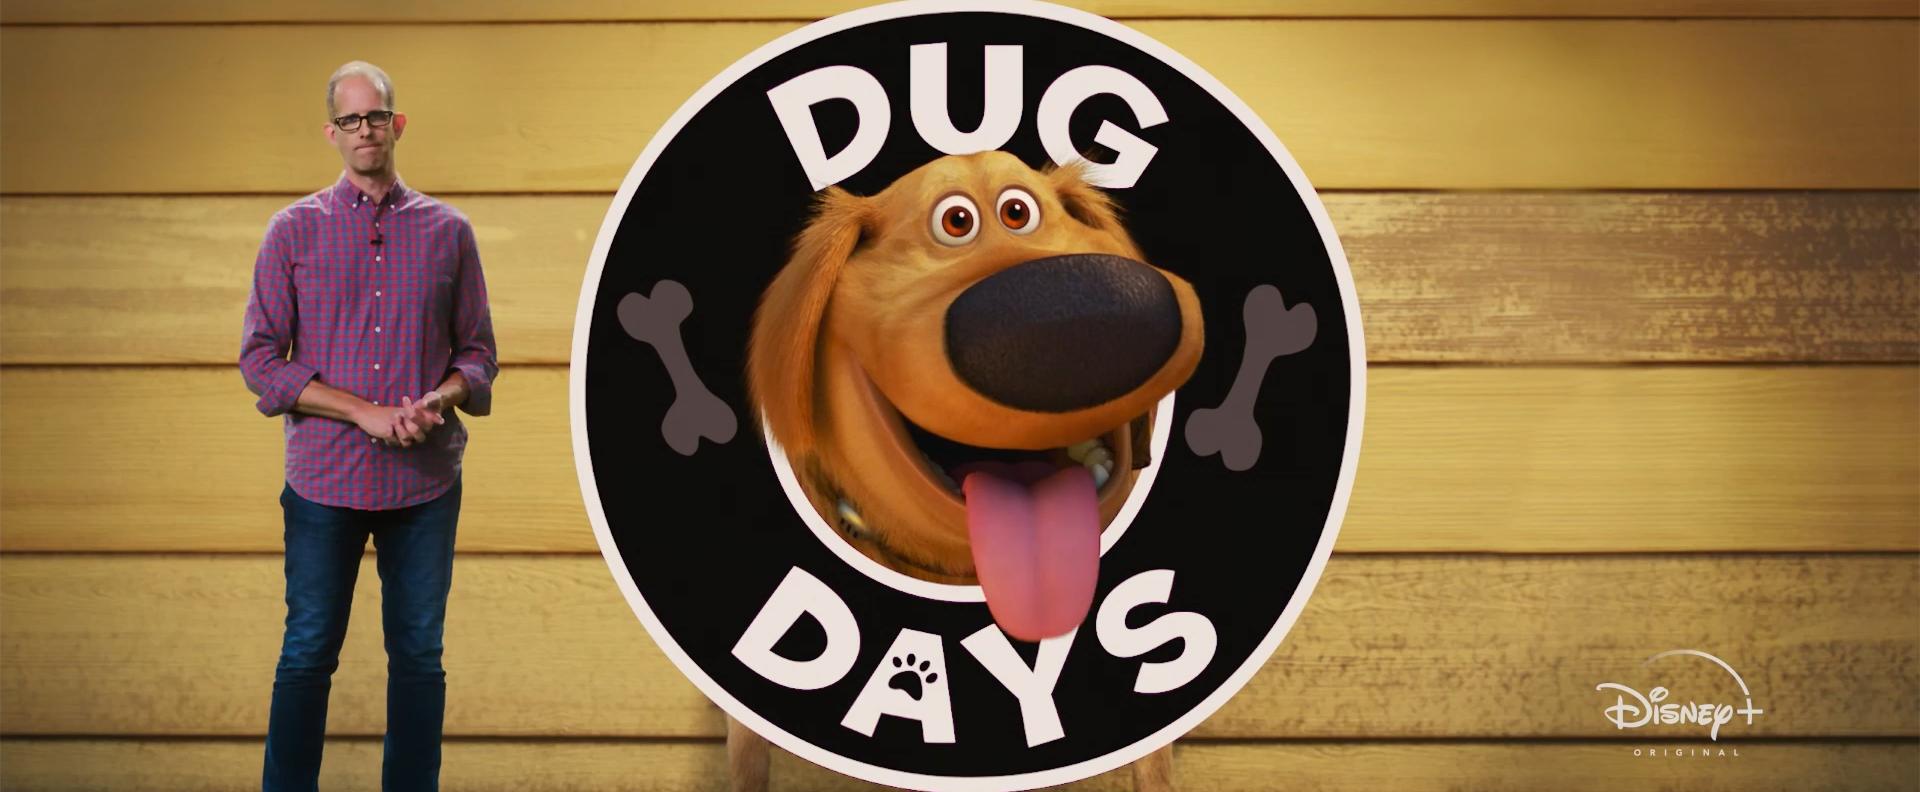 dug-days